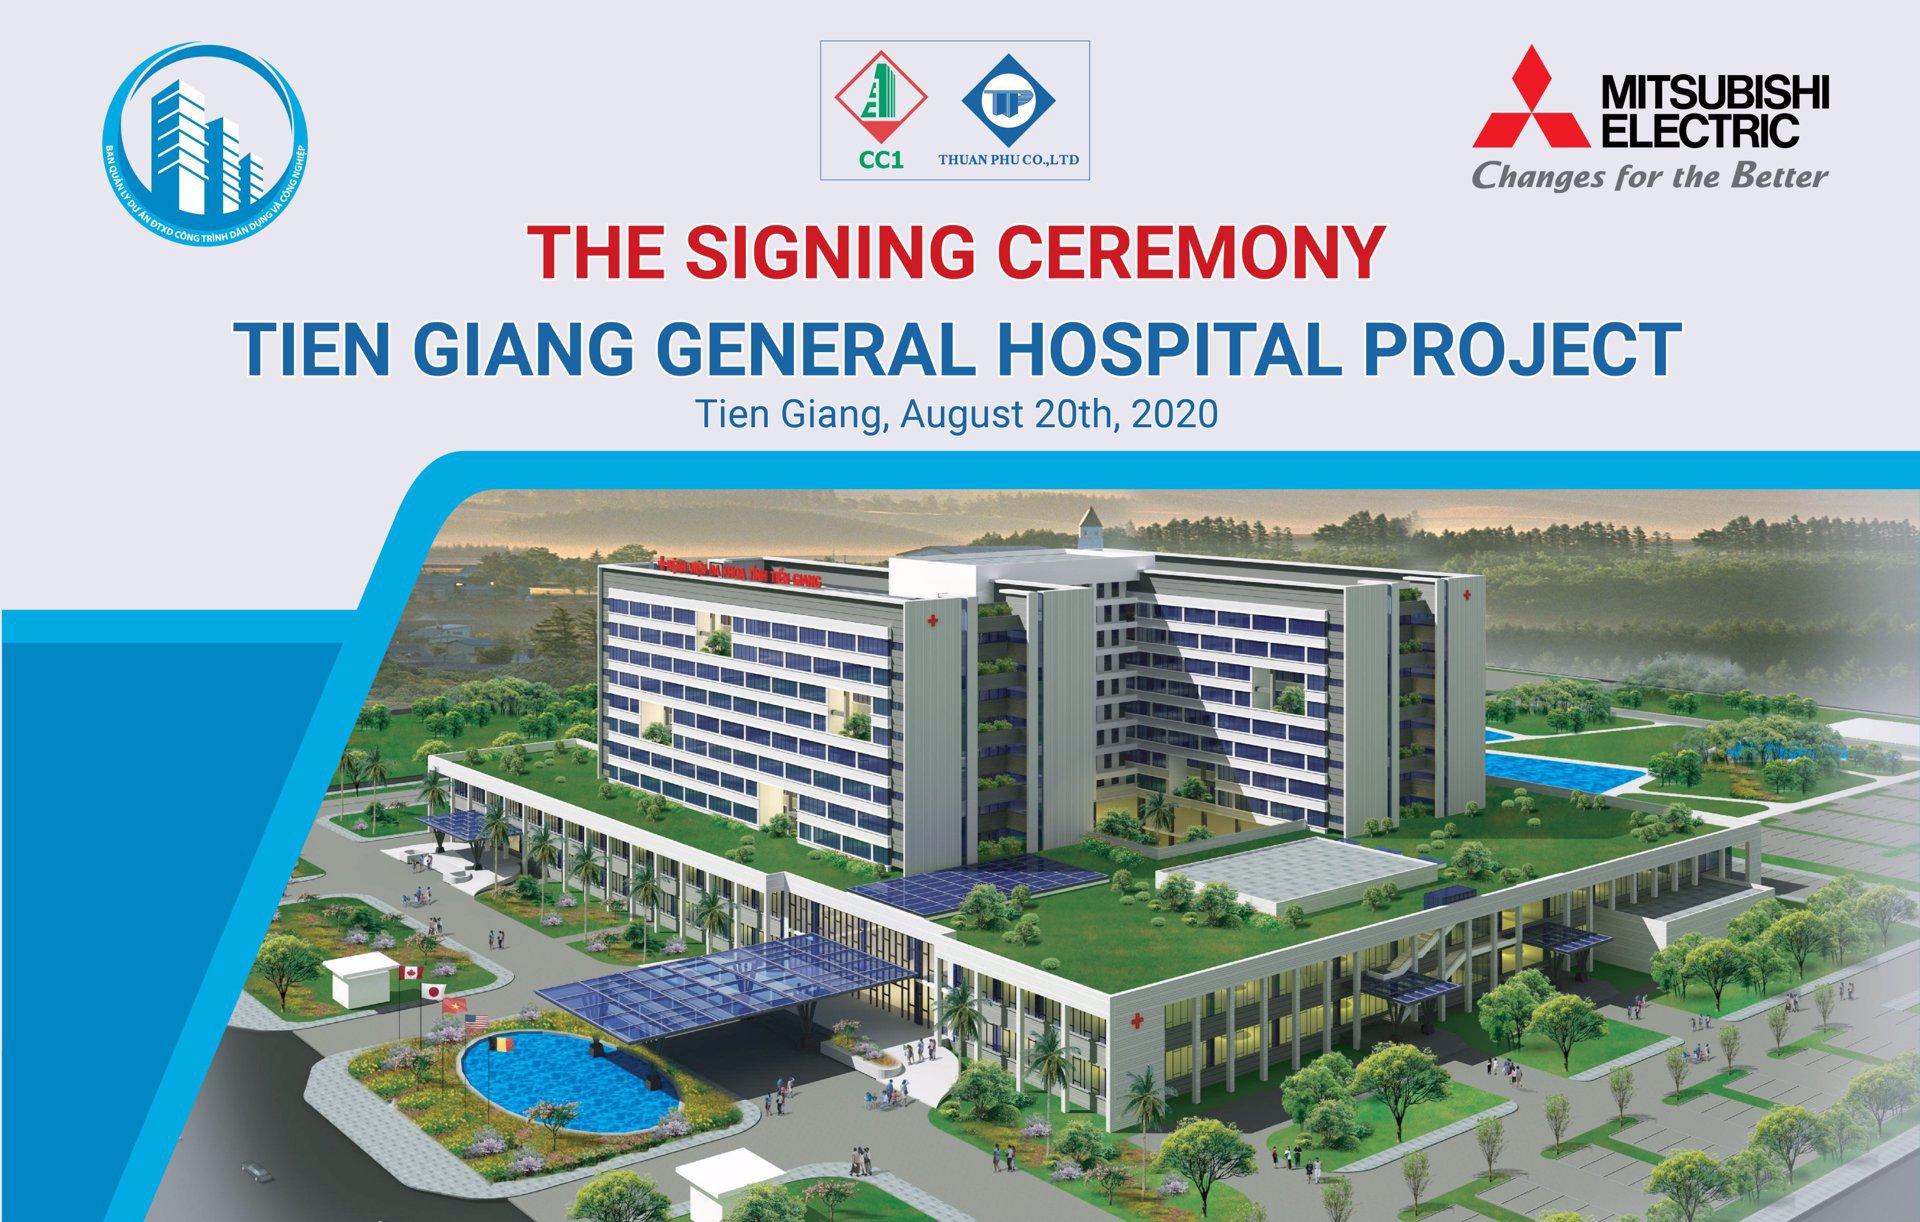 Mitsubishi Electric Việt Nam tự hào cung cấp giải pháp điều hòa không khí cho dự án Bệnh viện đa khoa tỉnh Tiền Giang